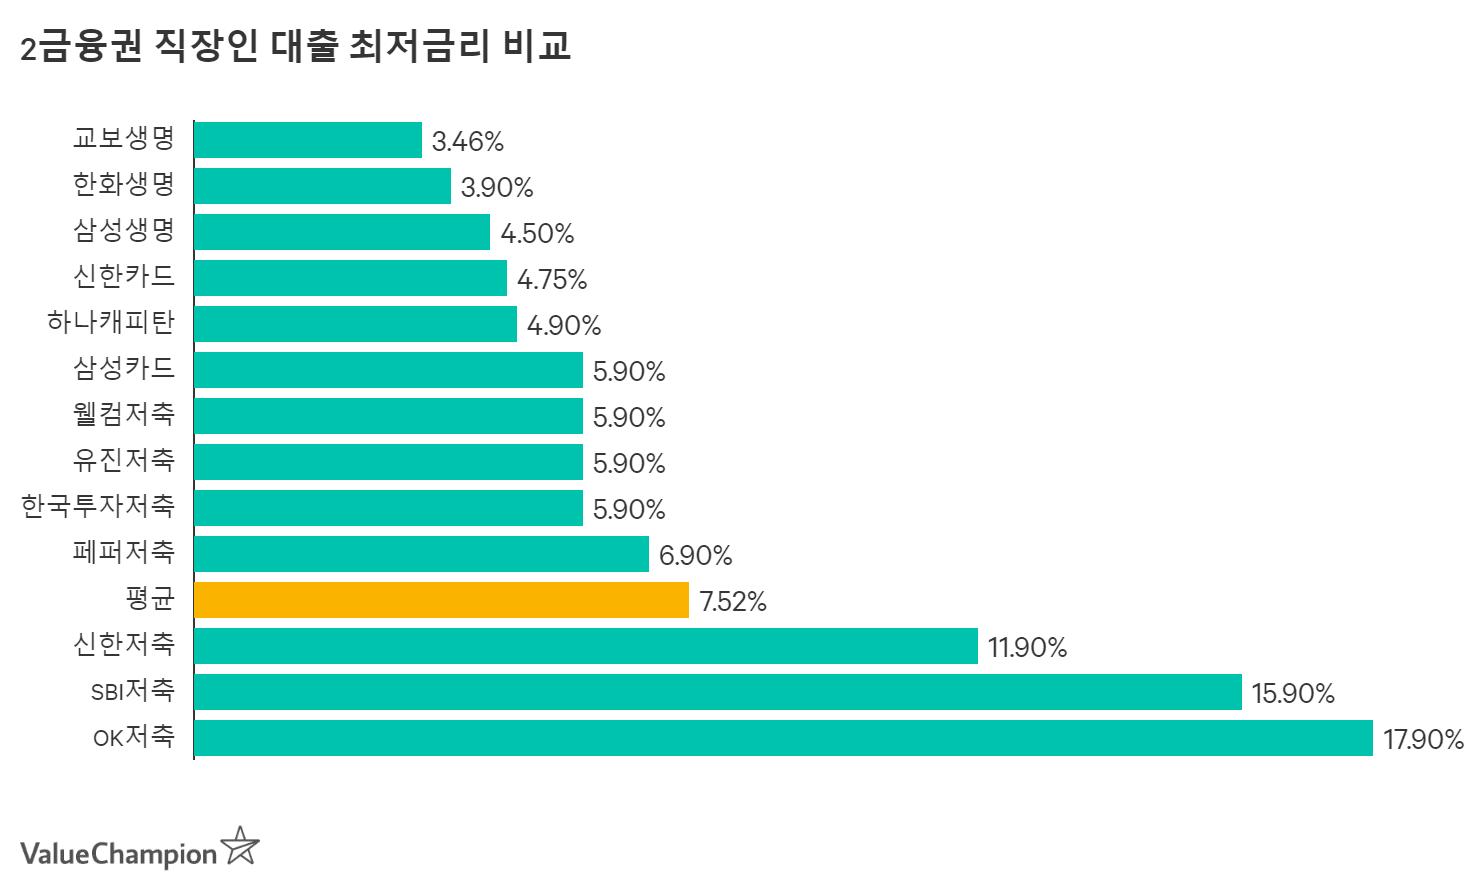 2금융권 개인신용대출 평균금리 비교